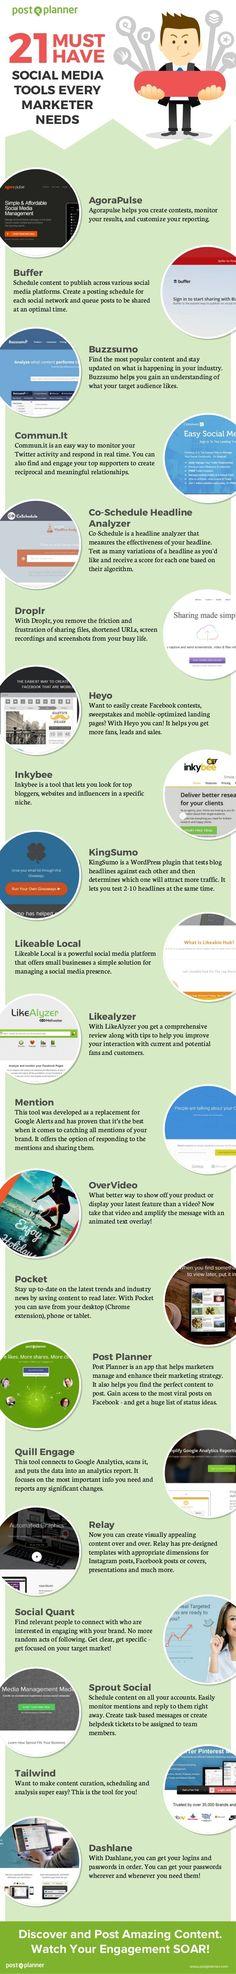 21 Social Media Marketing Tools